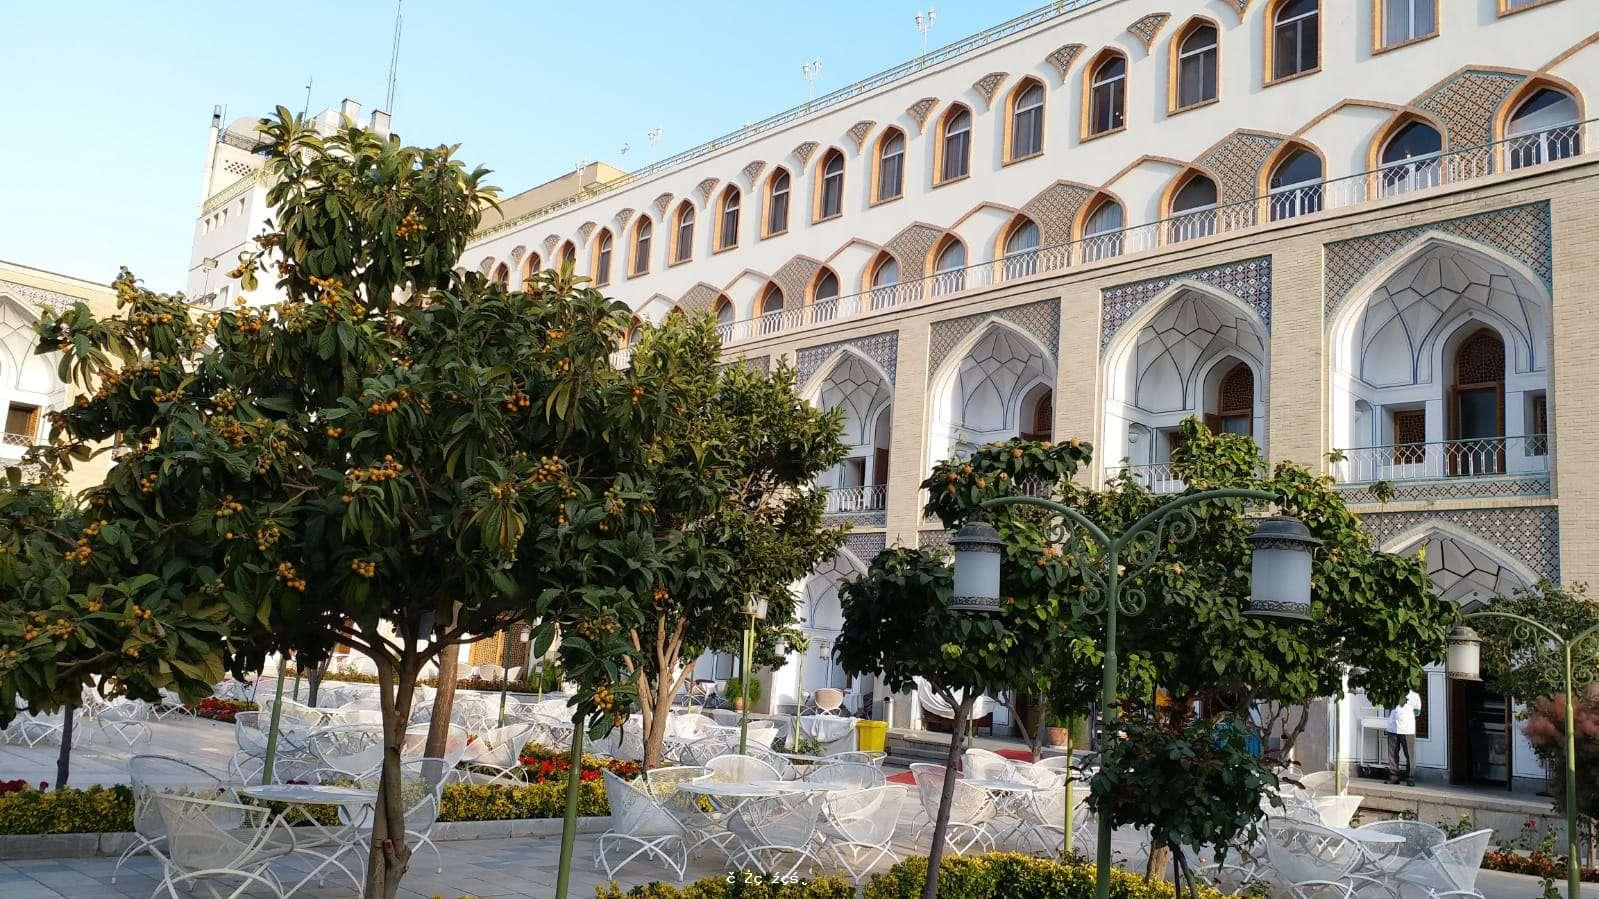 落後貧窮、知足樂觀和好客是伊朗的特色,主要景點是皇宫和回教寺